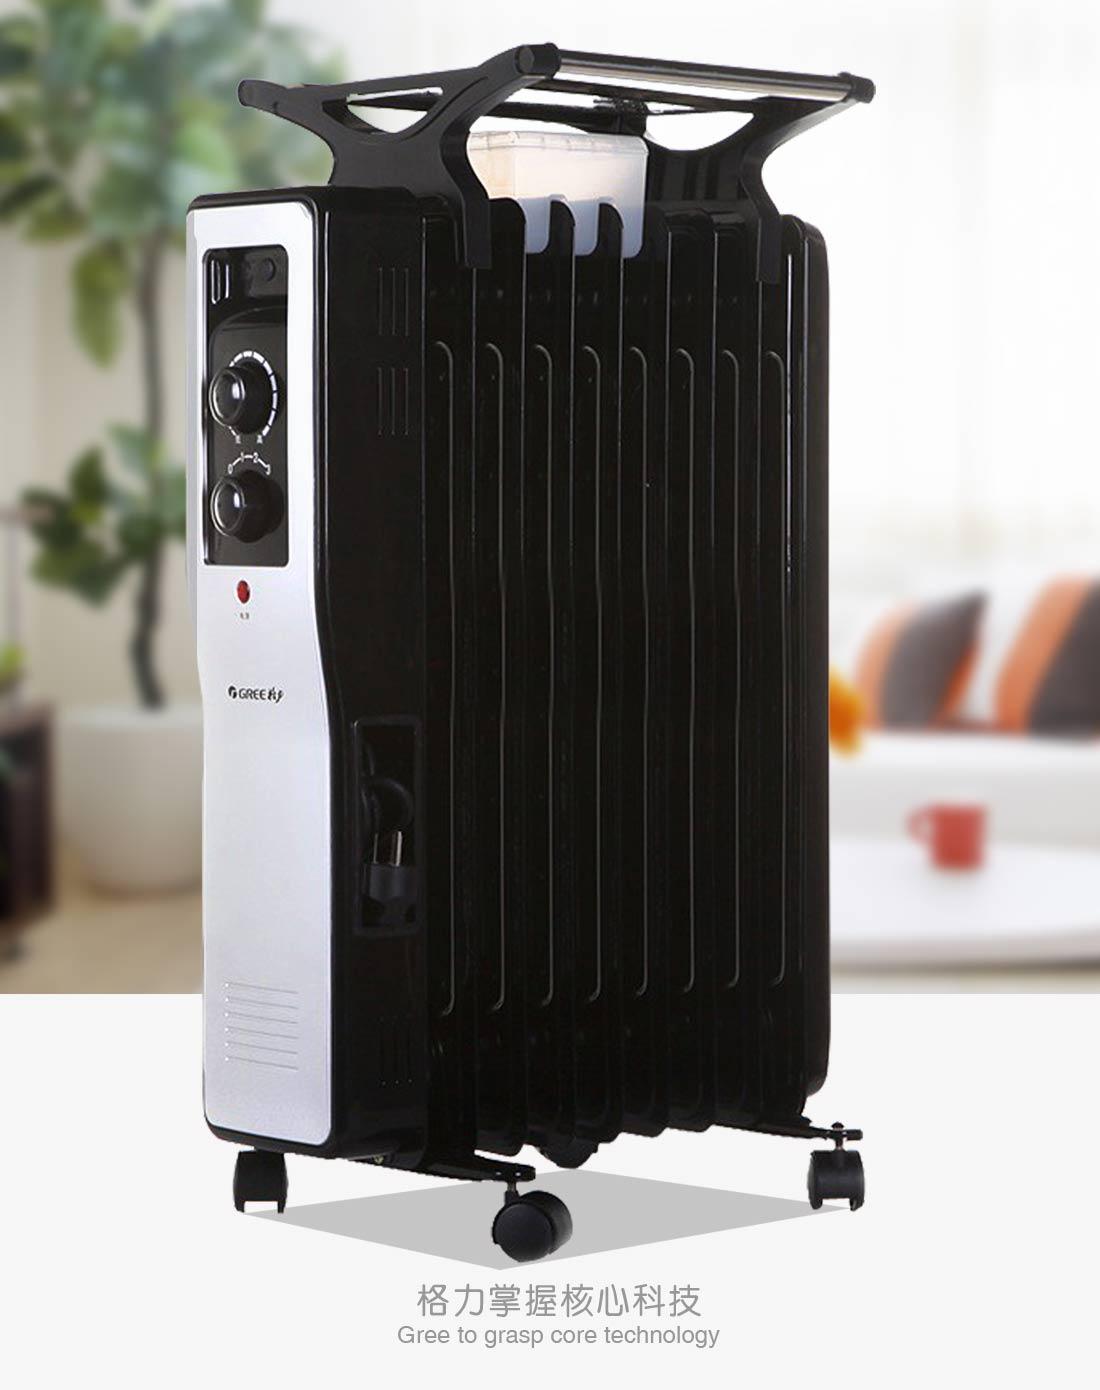 格力gree电暖9片黑色电热油汀电暖器ndy04-18